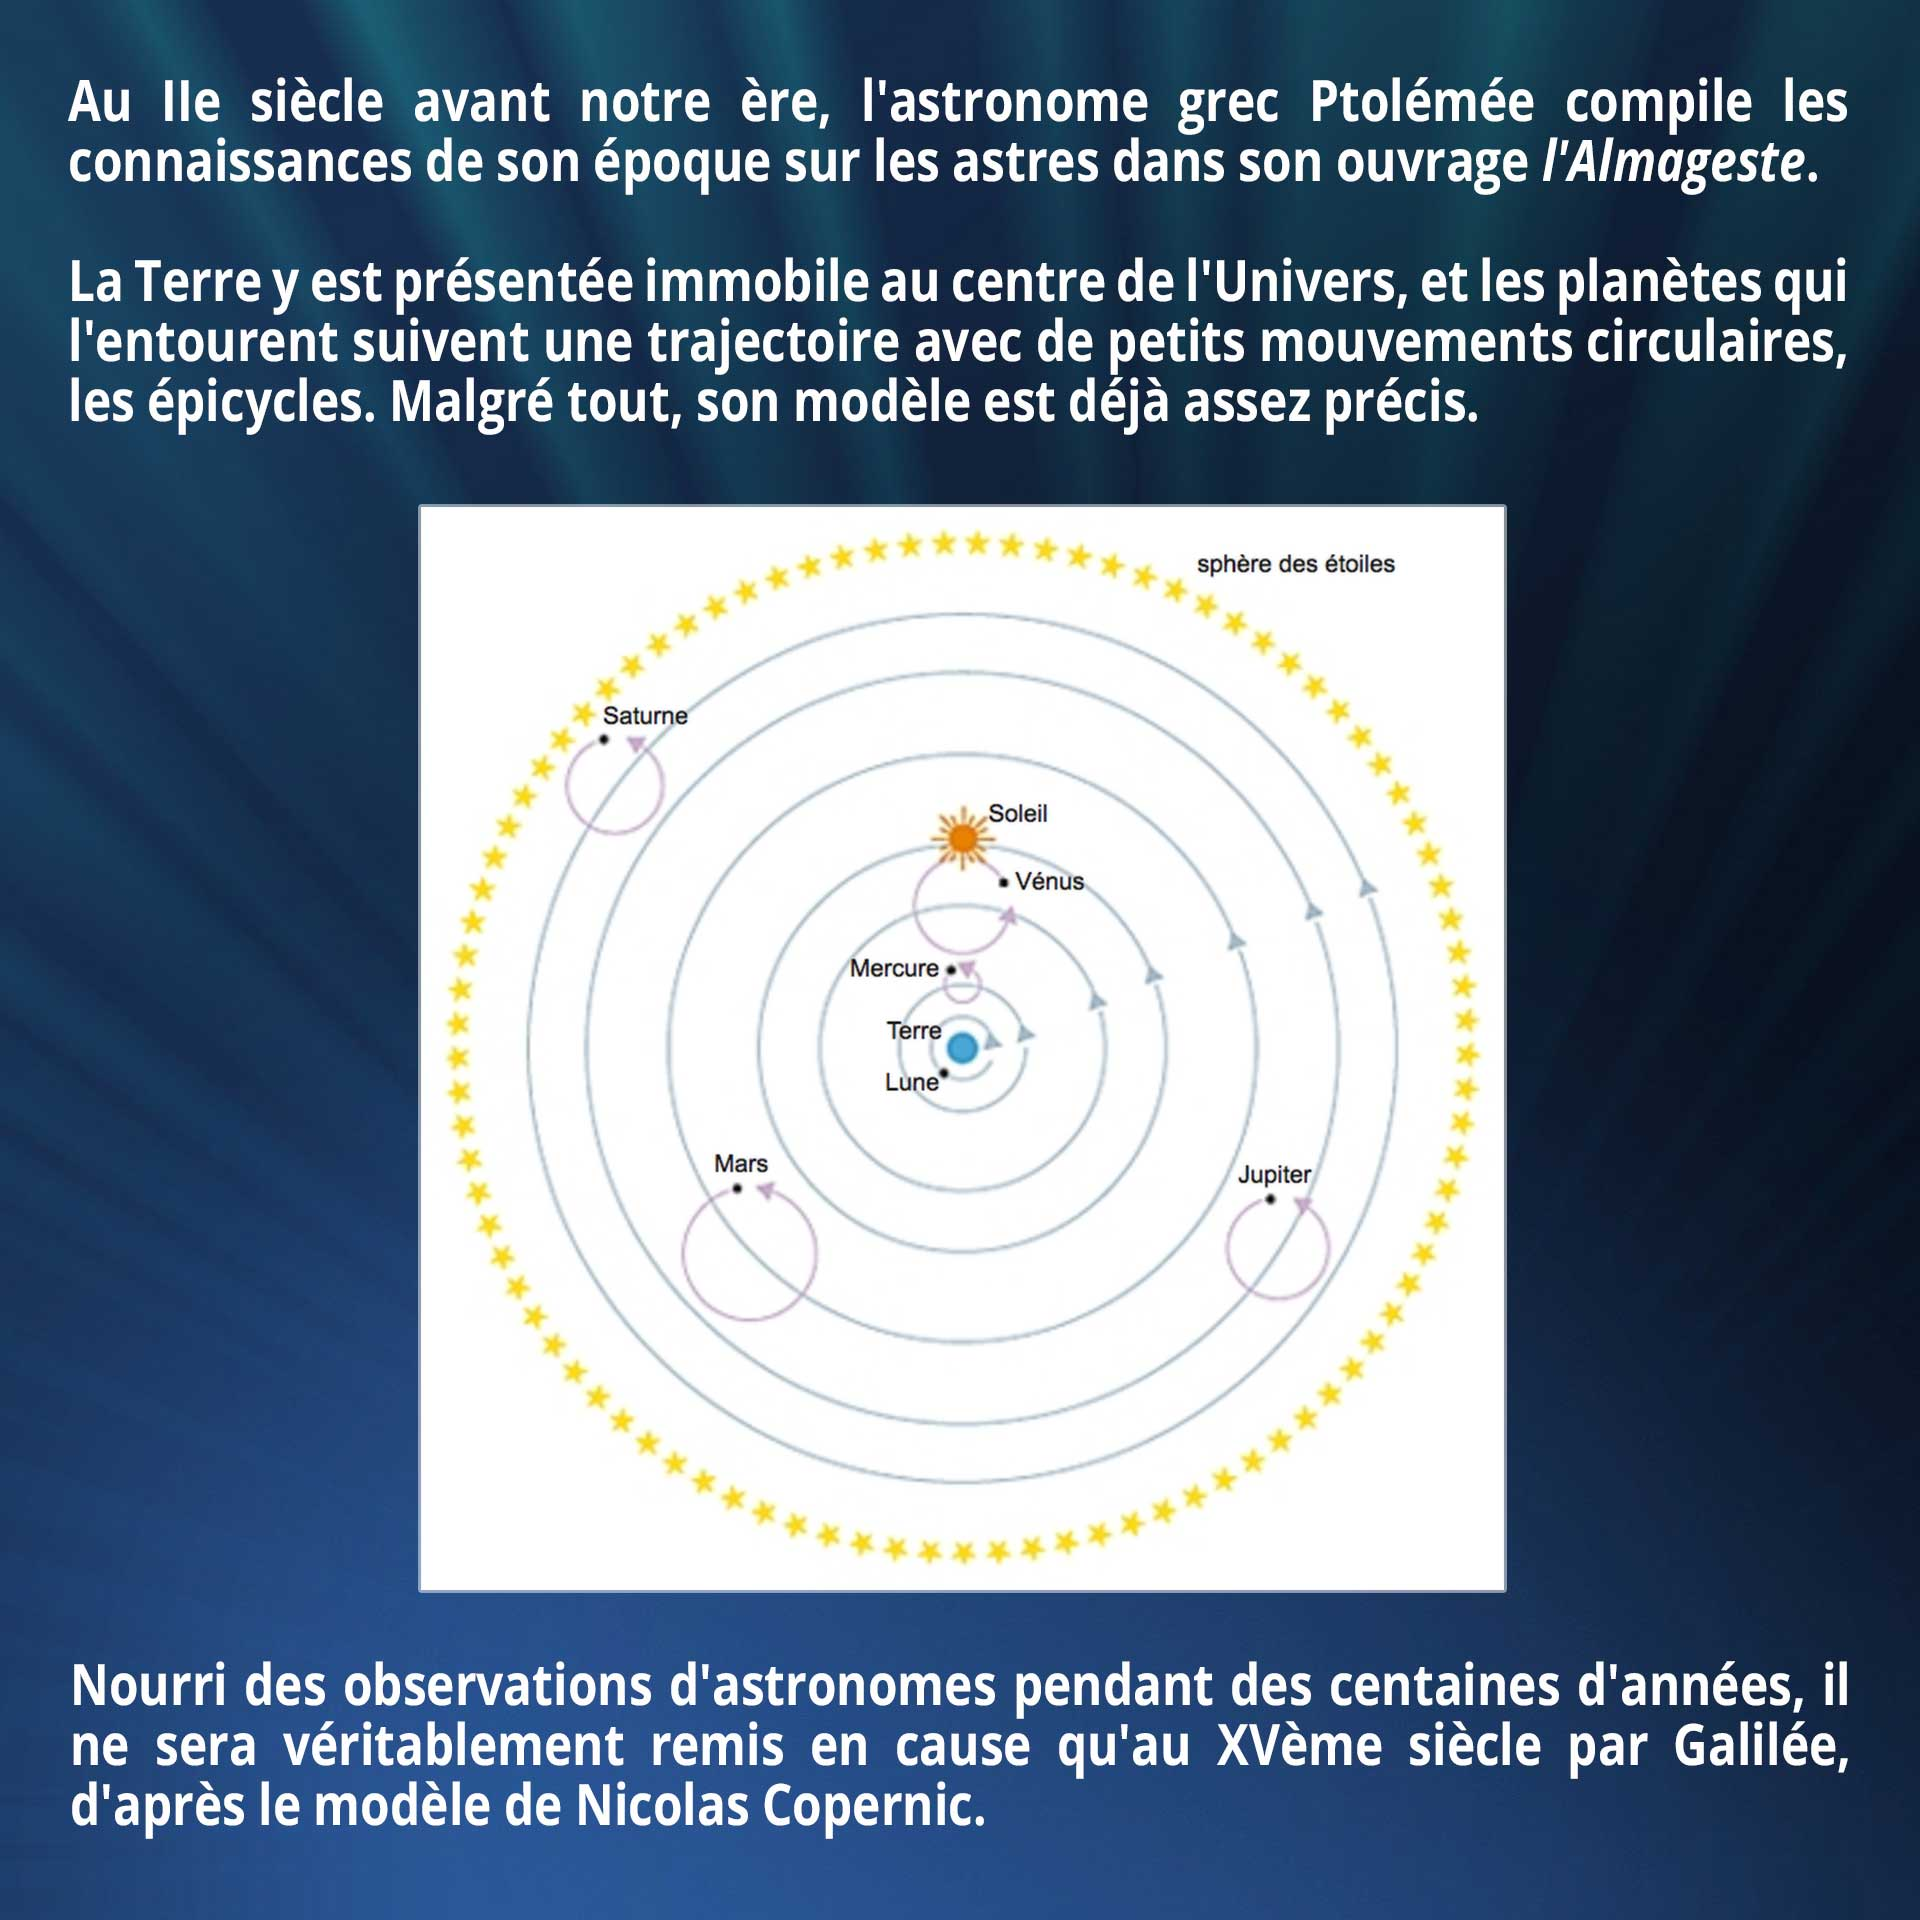 Au IIe siècle avant notre ère, l'astronome grec Ptolémée compile les connaissances de son époque sur les astres dans son ouvrage l'Almageste. La Terre y est présentée immobile au centre de l'Univers, et les planètes qui l'entourent suivent une trajectoire avec de petits mouvements circulaires, les épicycles. Malgré tout, son modèle est déjà assez précis. Nourri des observations d'astronomes pendant des centaines d'années, il ne sera véritablement remis en cause qu'au XVème siècle par Galilée, d'après le modèle de Nicolas Copernic.